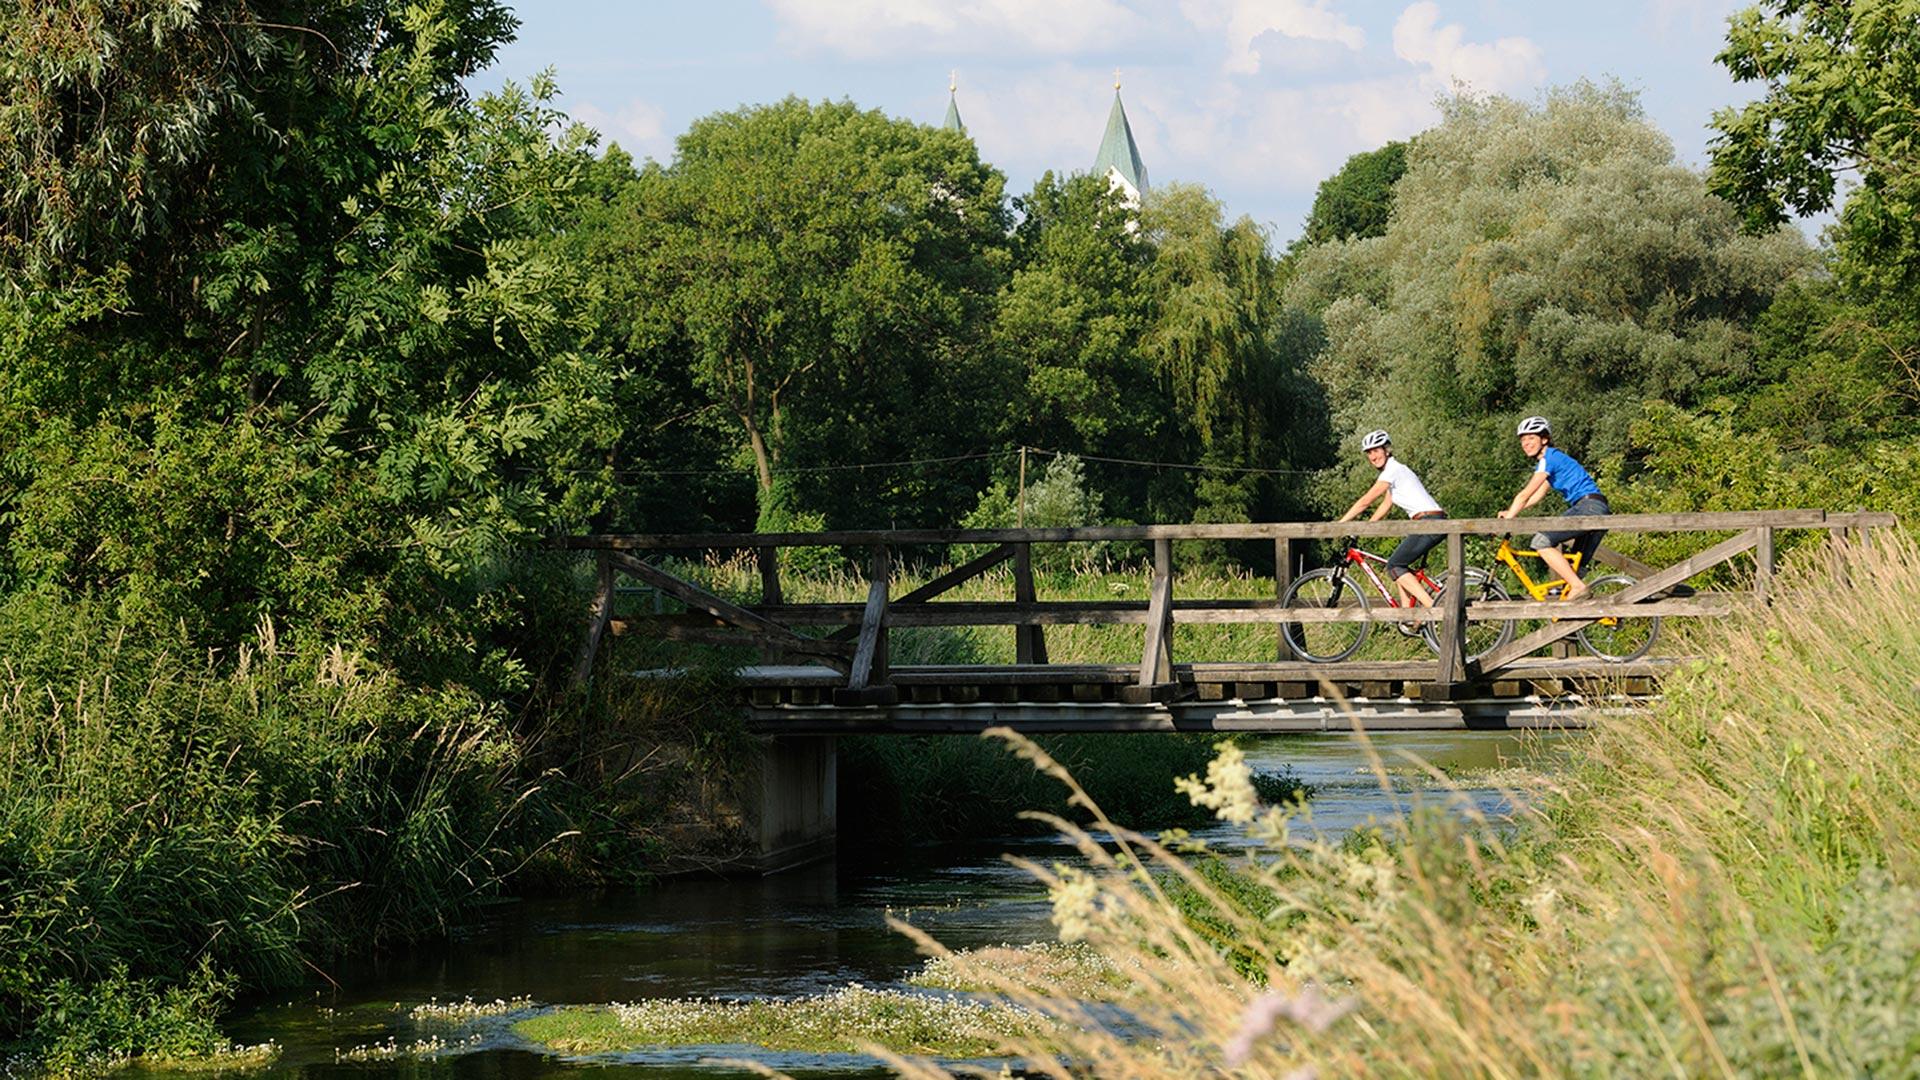 Der Landkreis Freising bietet naturlandschaftliche Reize in unterschiedlichen Schutzgebieten.